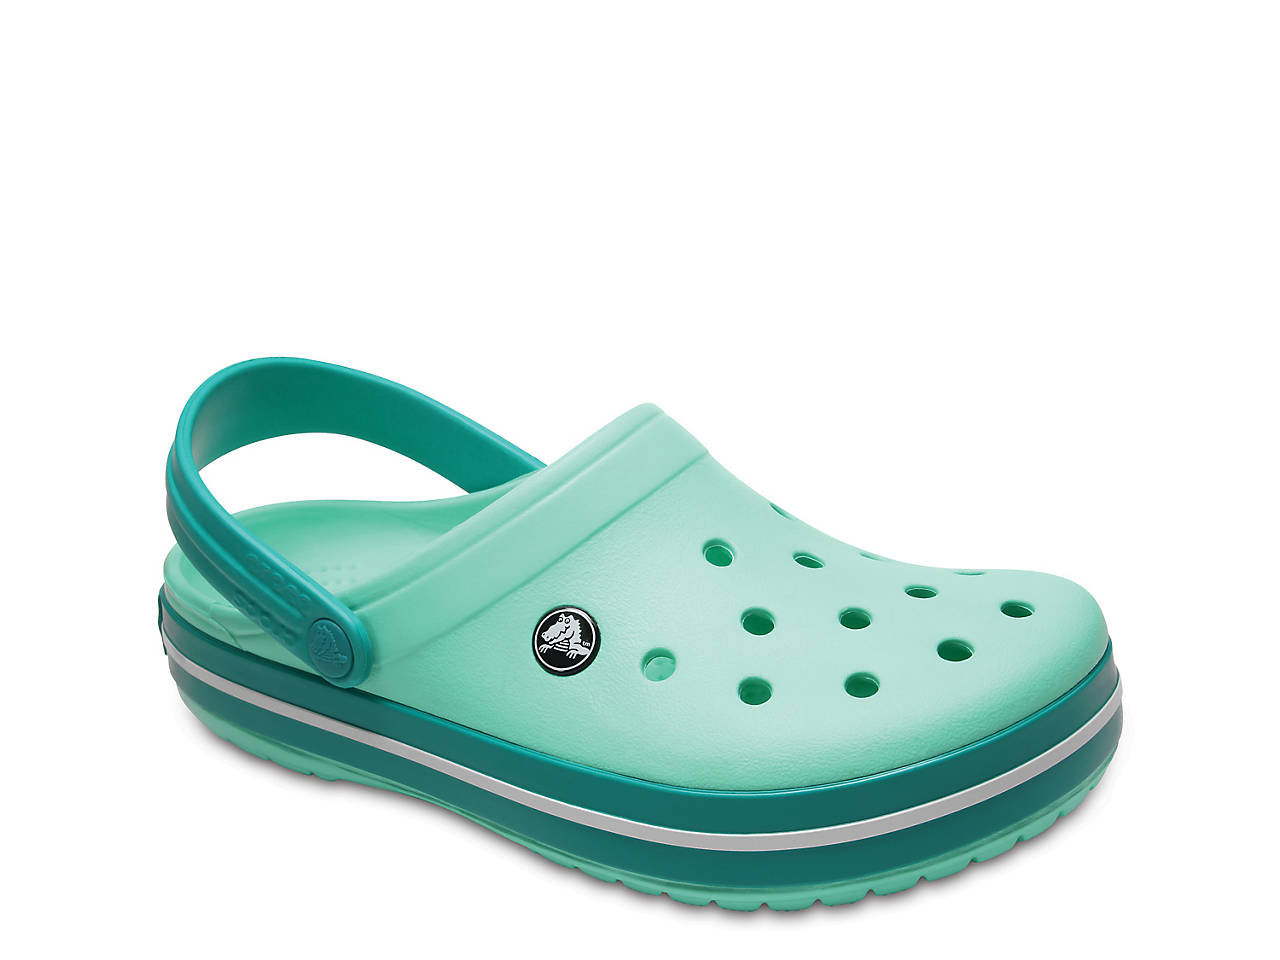 c59eb8262 Crocs Crocband Clog Women s Shoes